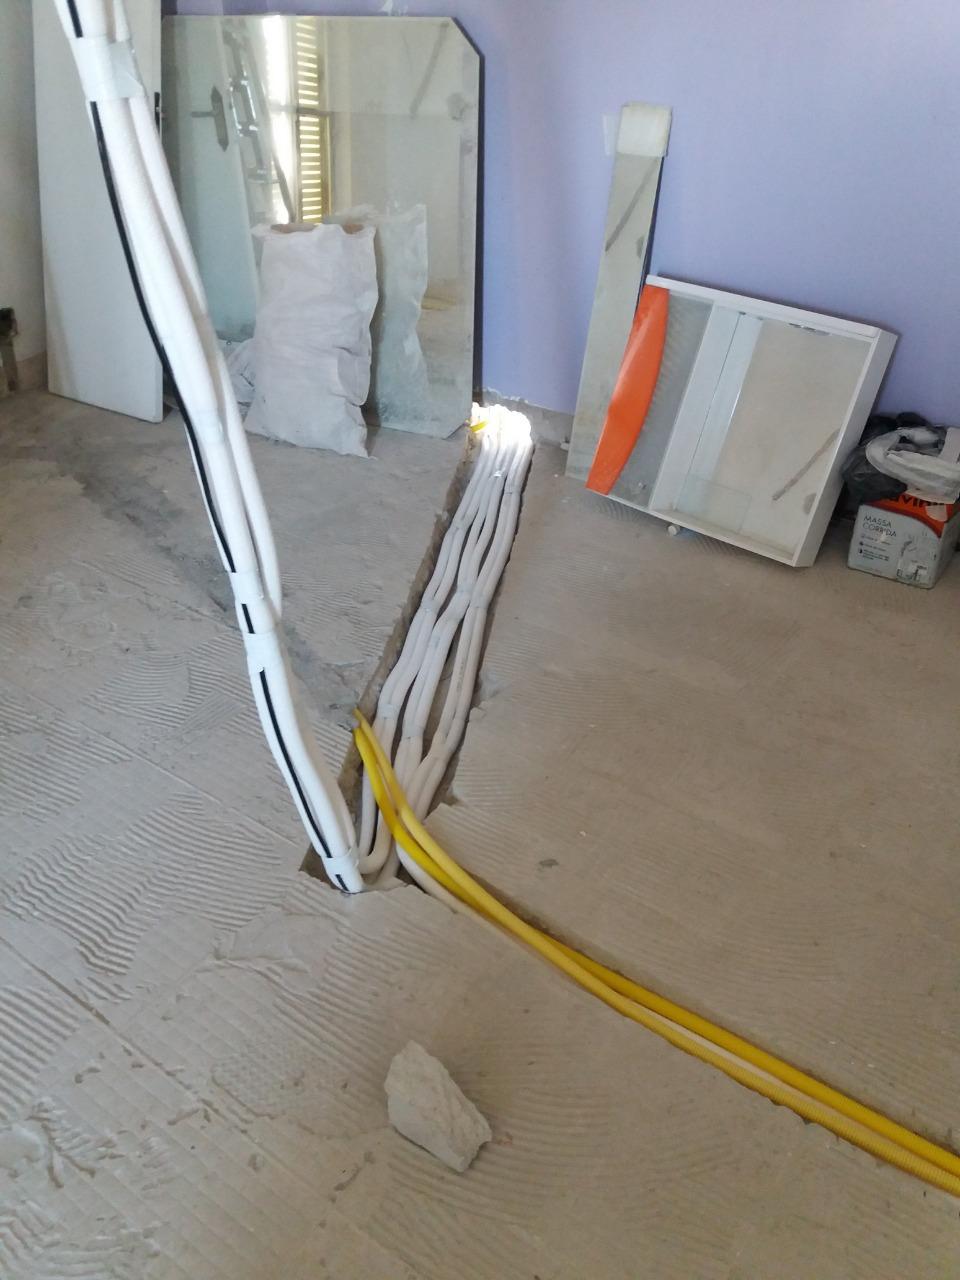 Dutos ar condicionado - Instalação de Ar Condicionado em Moema